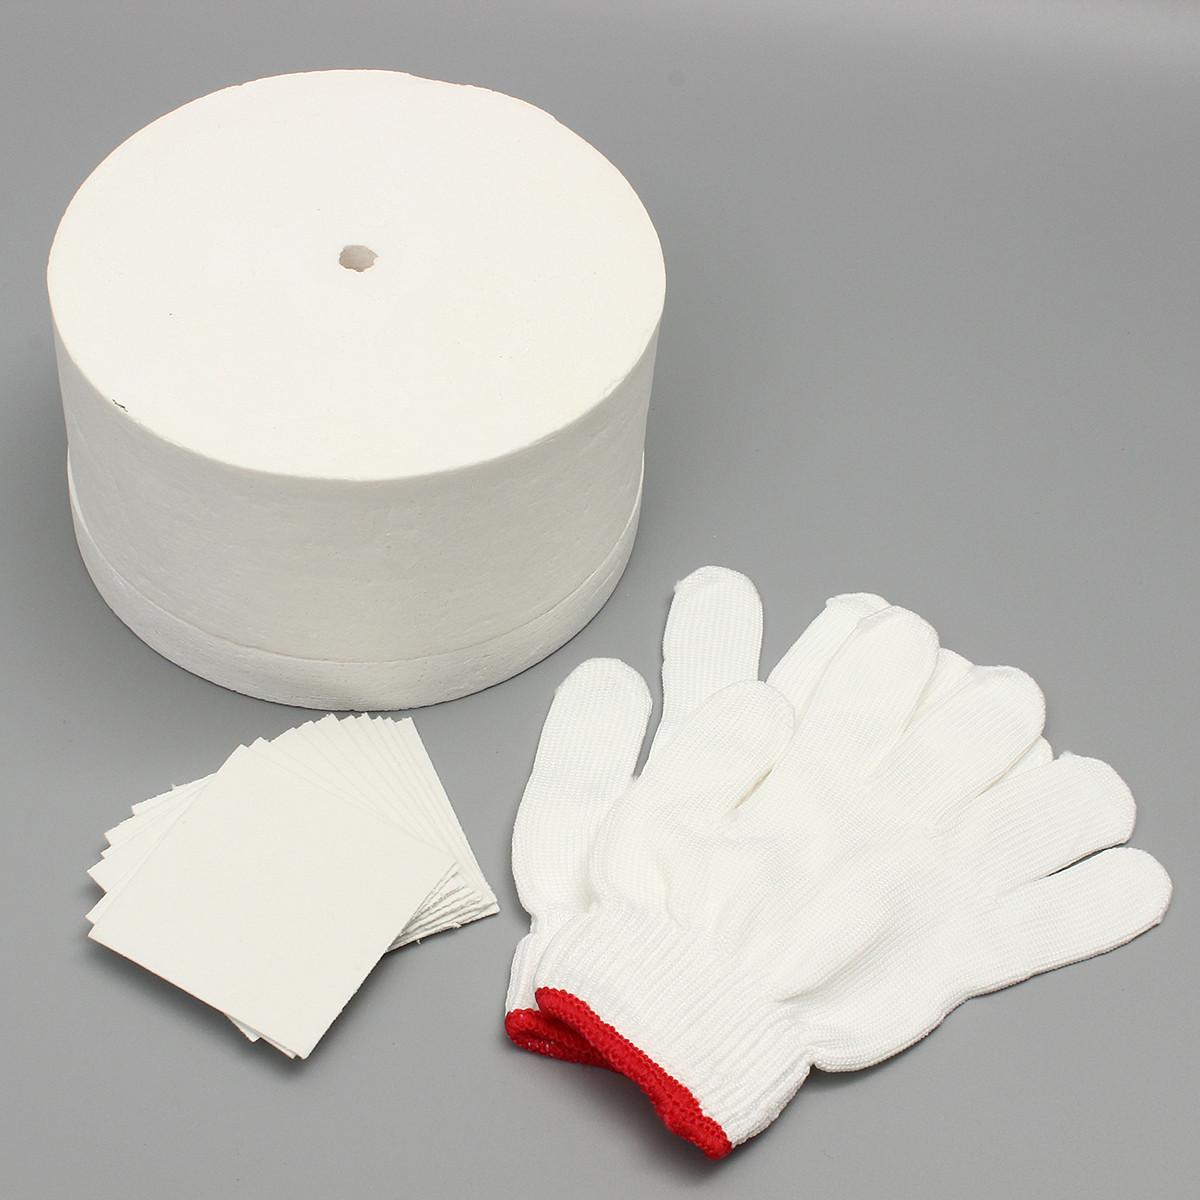 Набор для микроволновой печи 1 Большая микроволновая печь 1 пара Белый хлопок Перчатки 10шт Базовая бумага 1TopShop